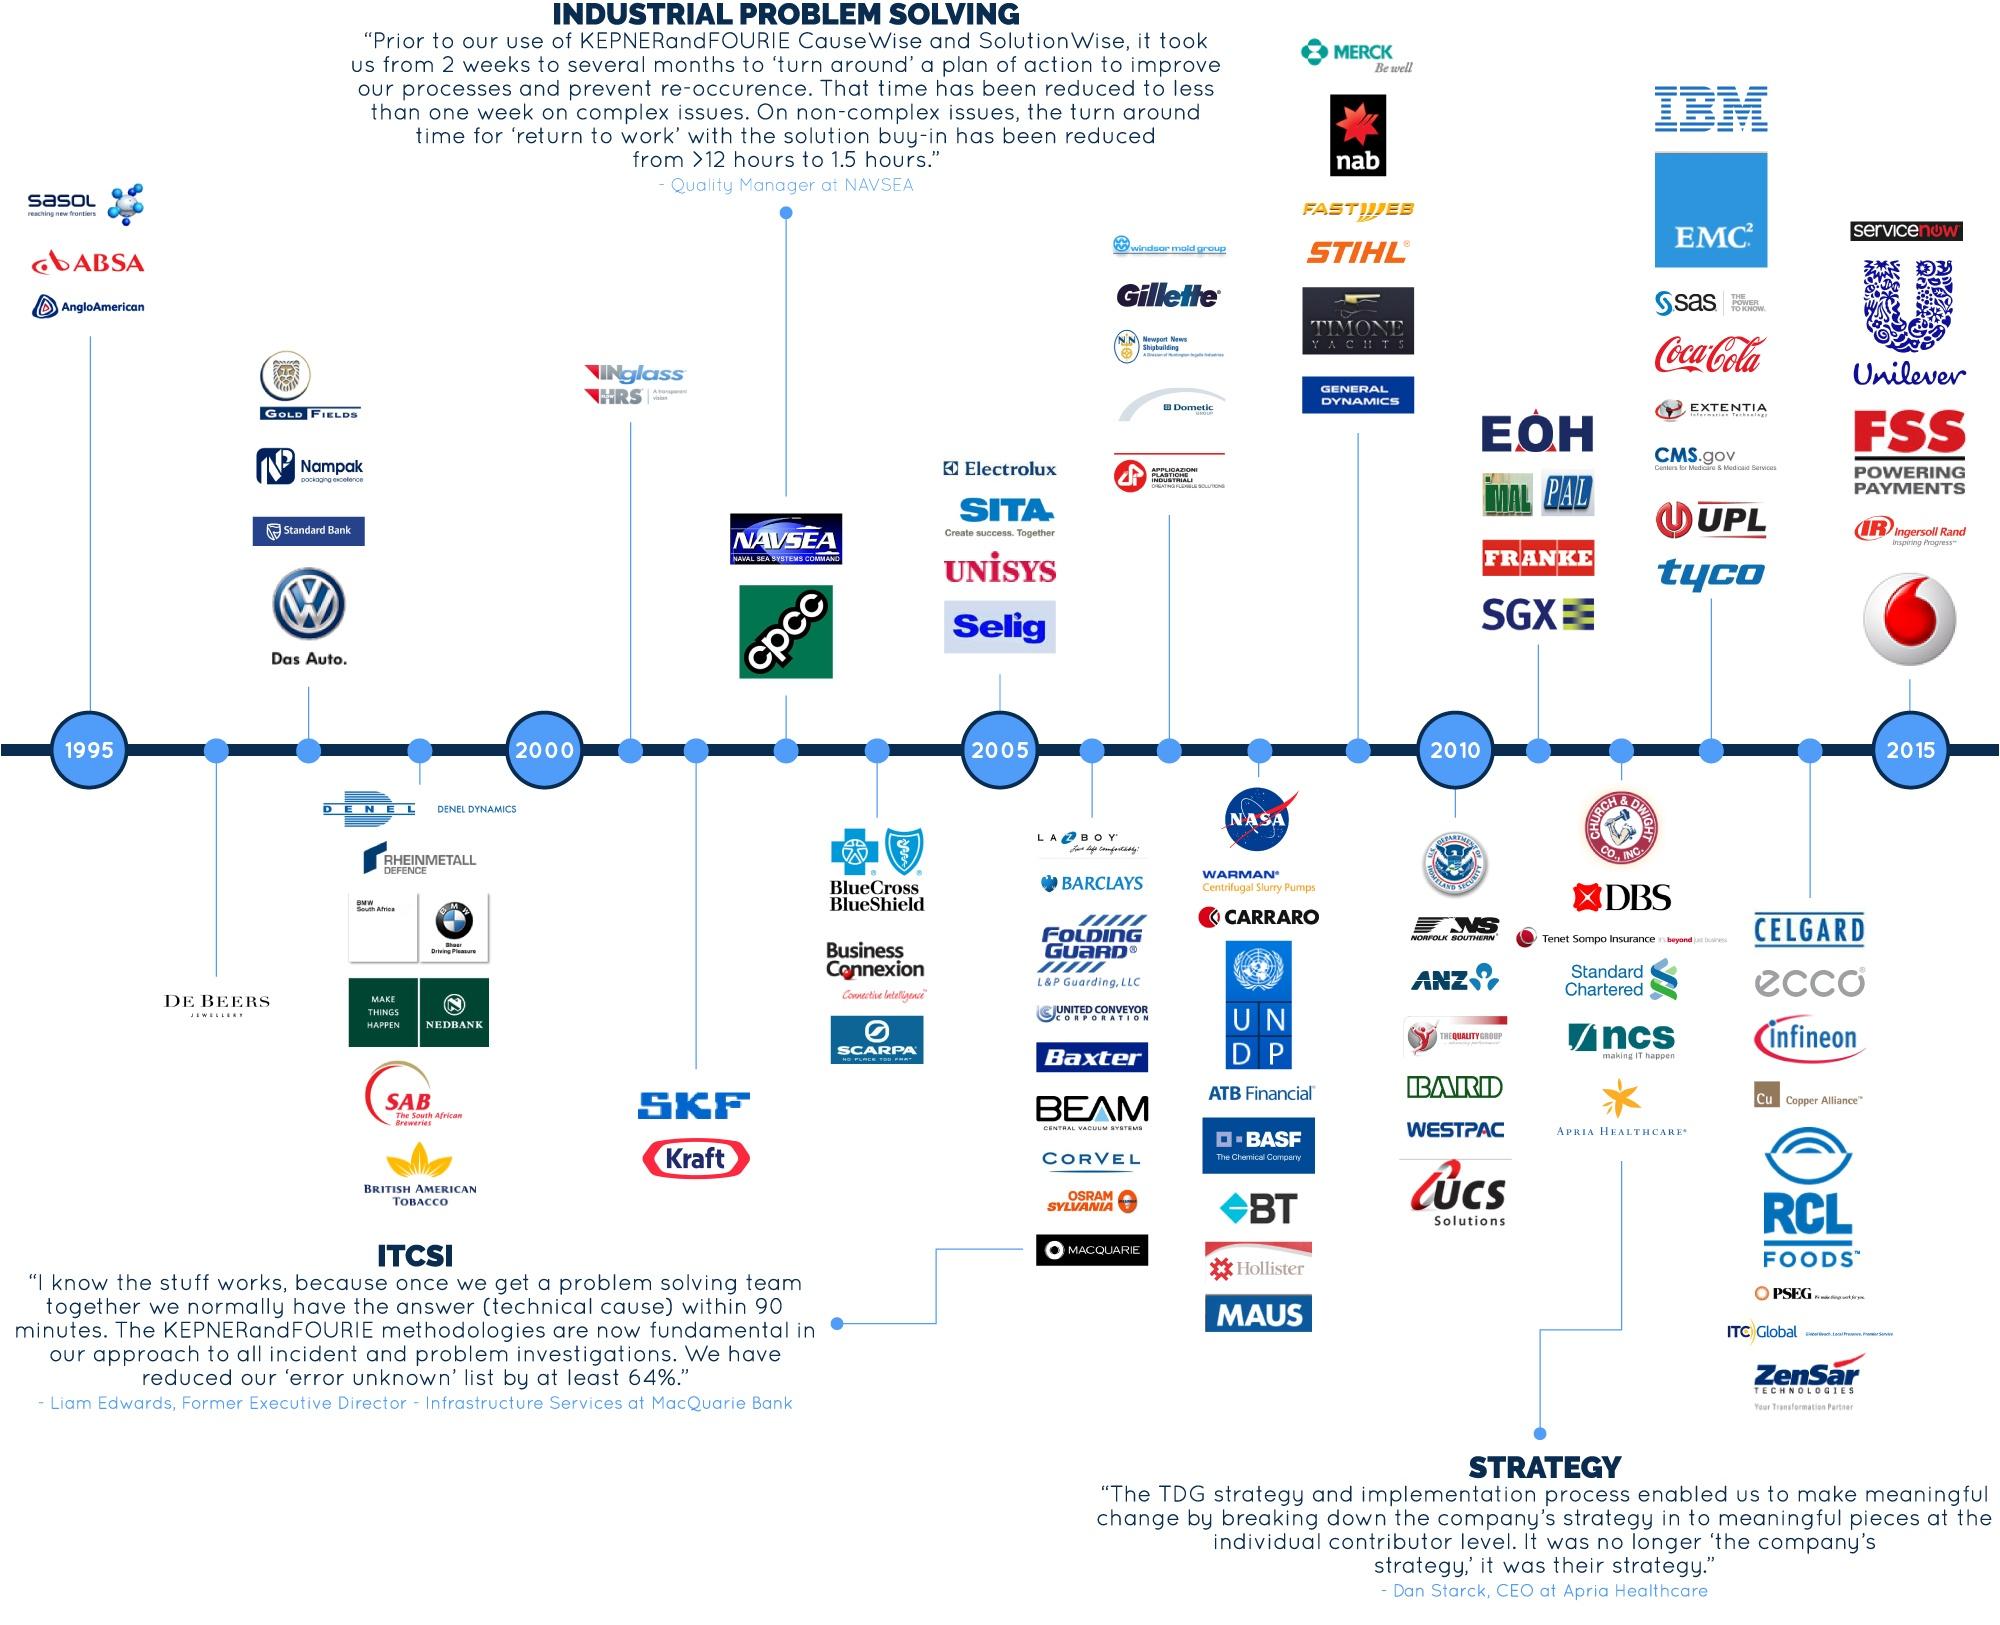 TD-Client-Timeline-2015_3.jpg